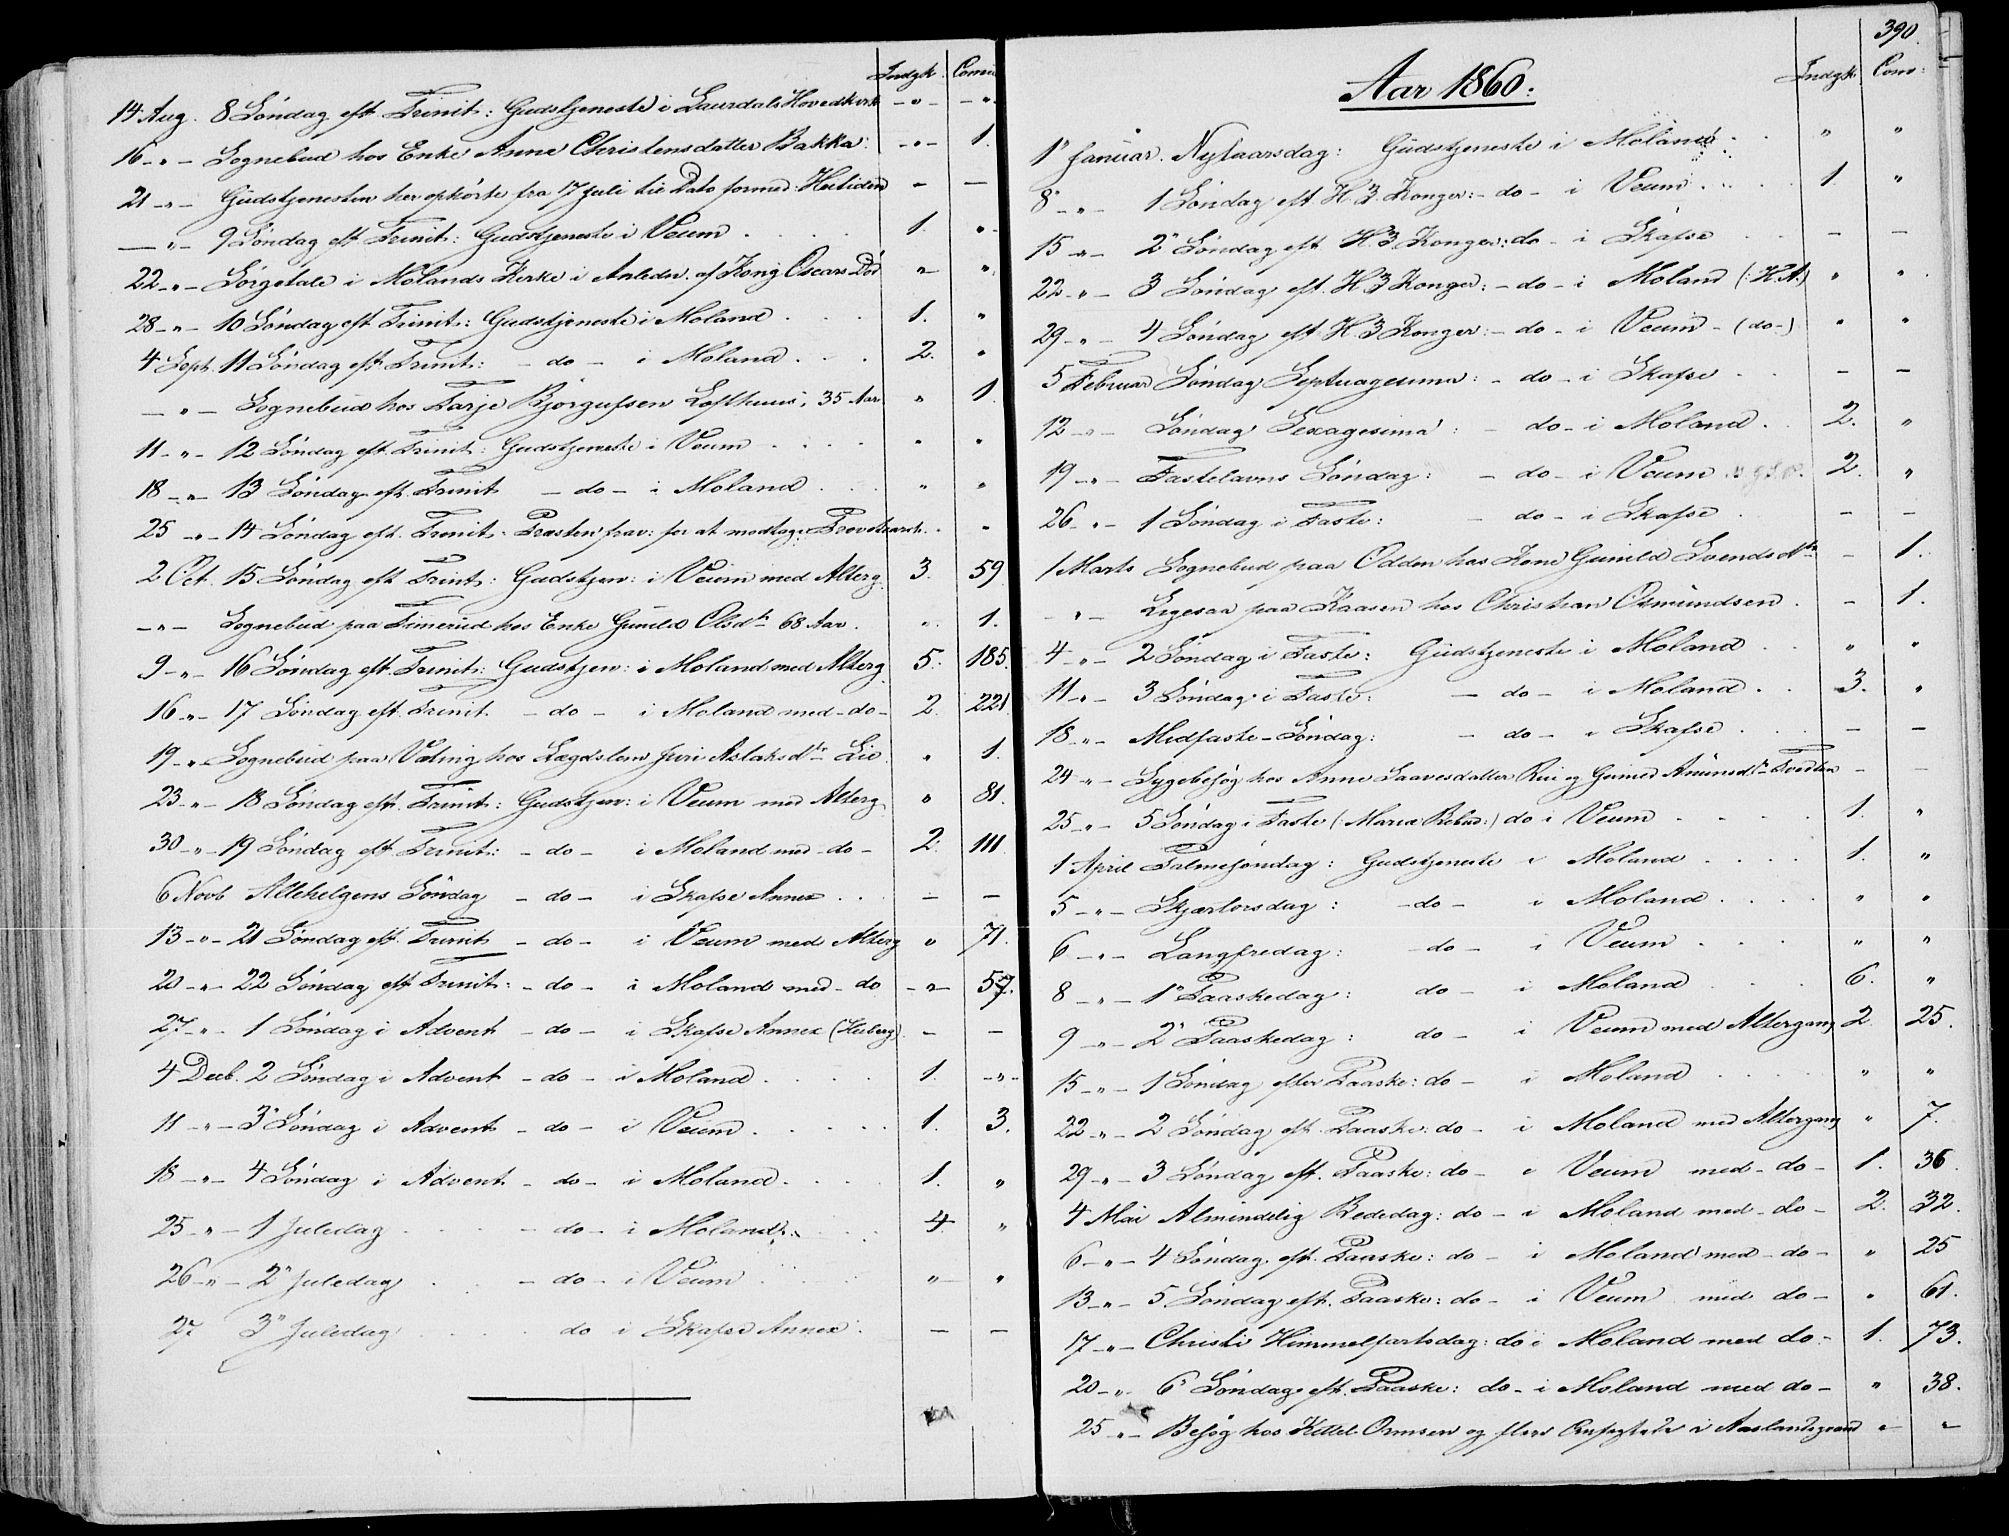 SAKO, Fyresdal kirkebøker, F/Fa/L0005: Ministerialbok nr. I 5, 1855-1871, s. 390